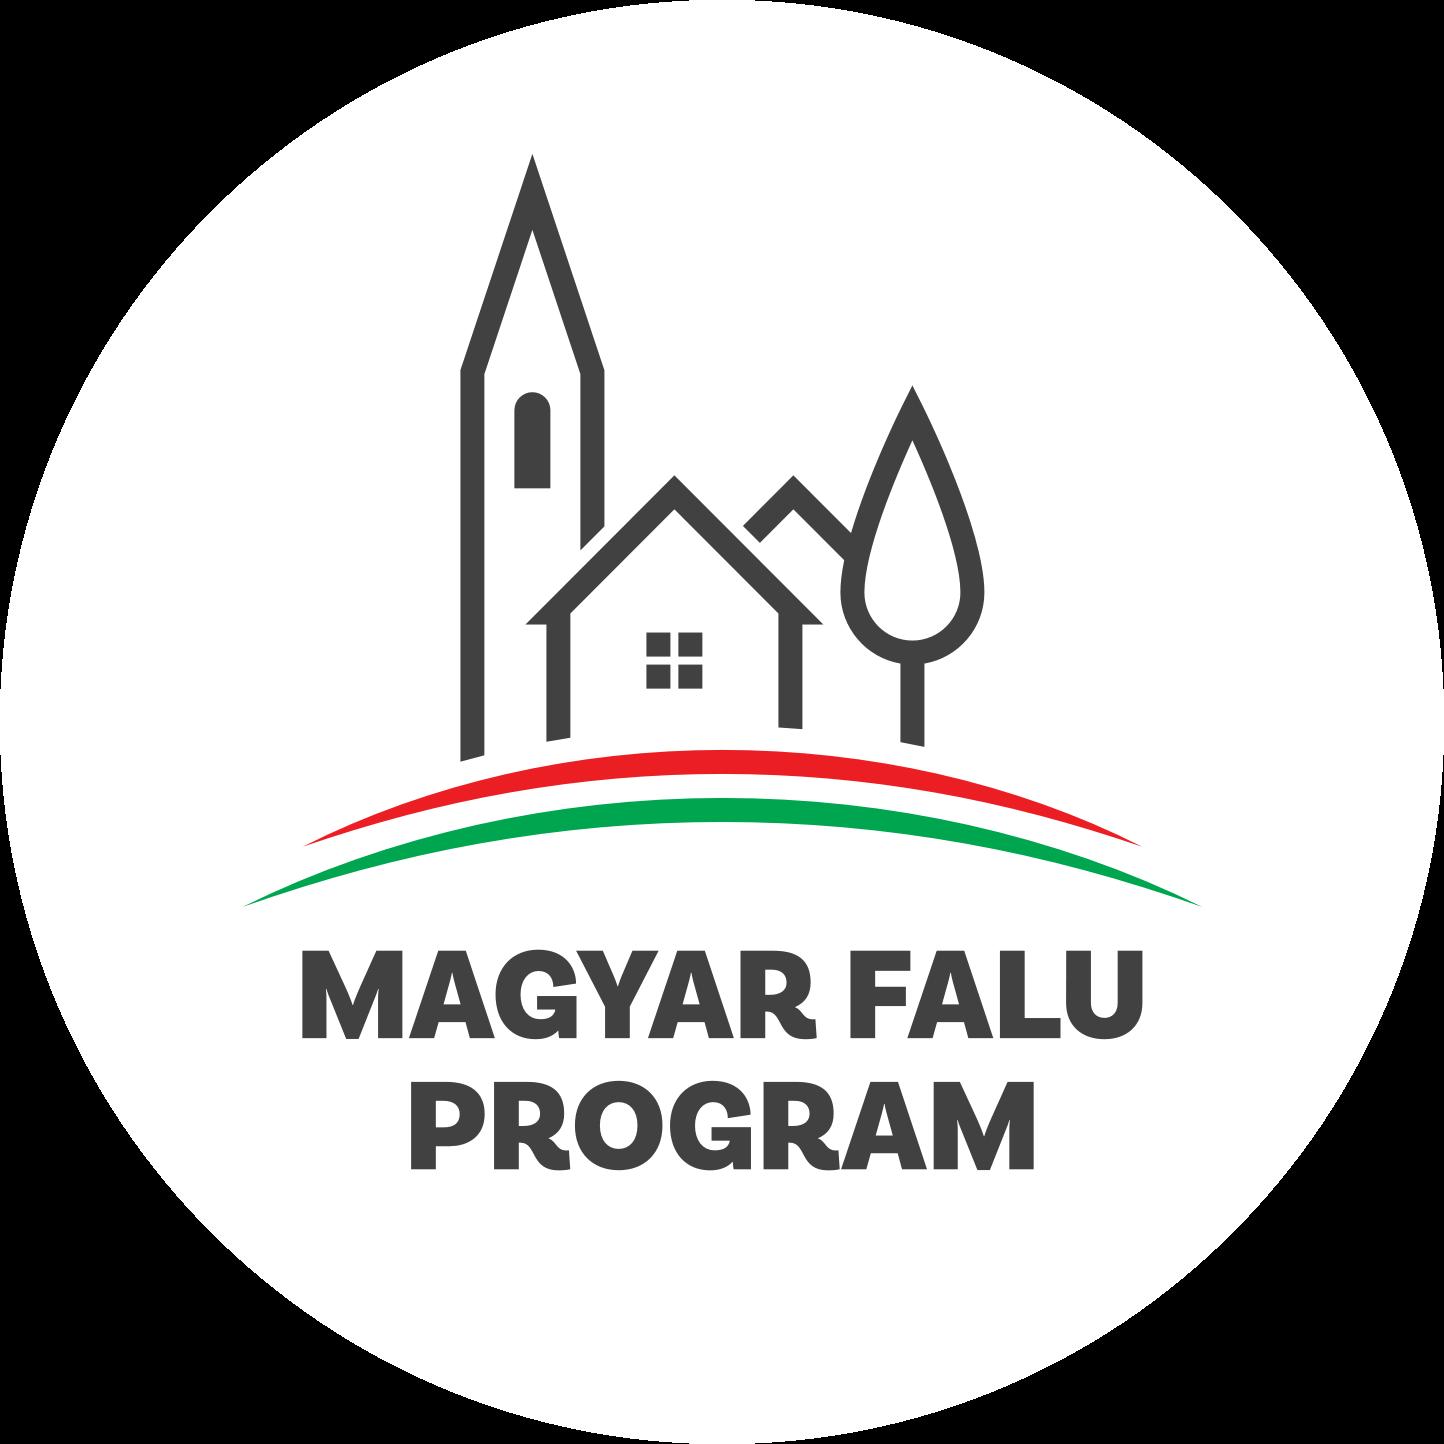 Magzar Falu Program